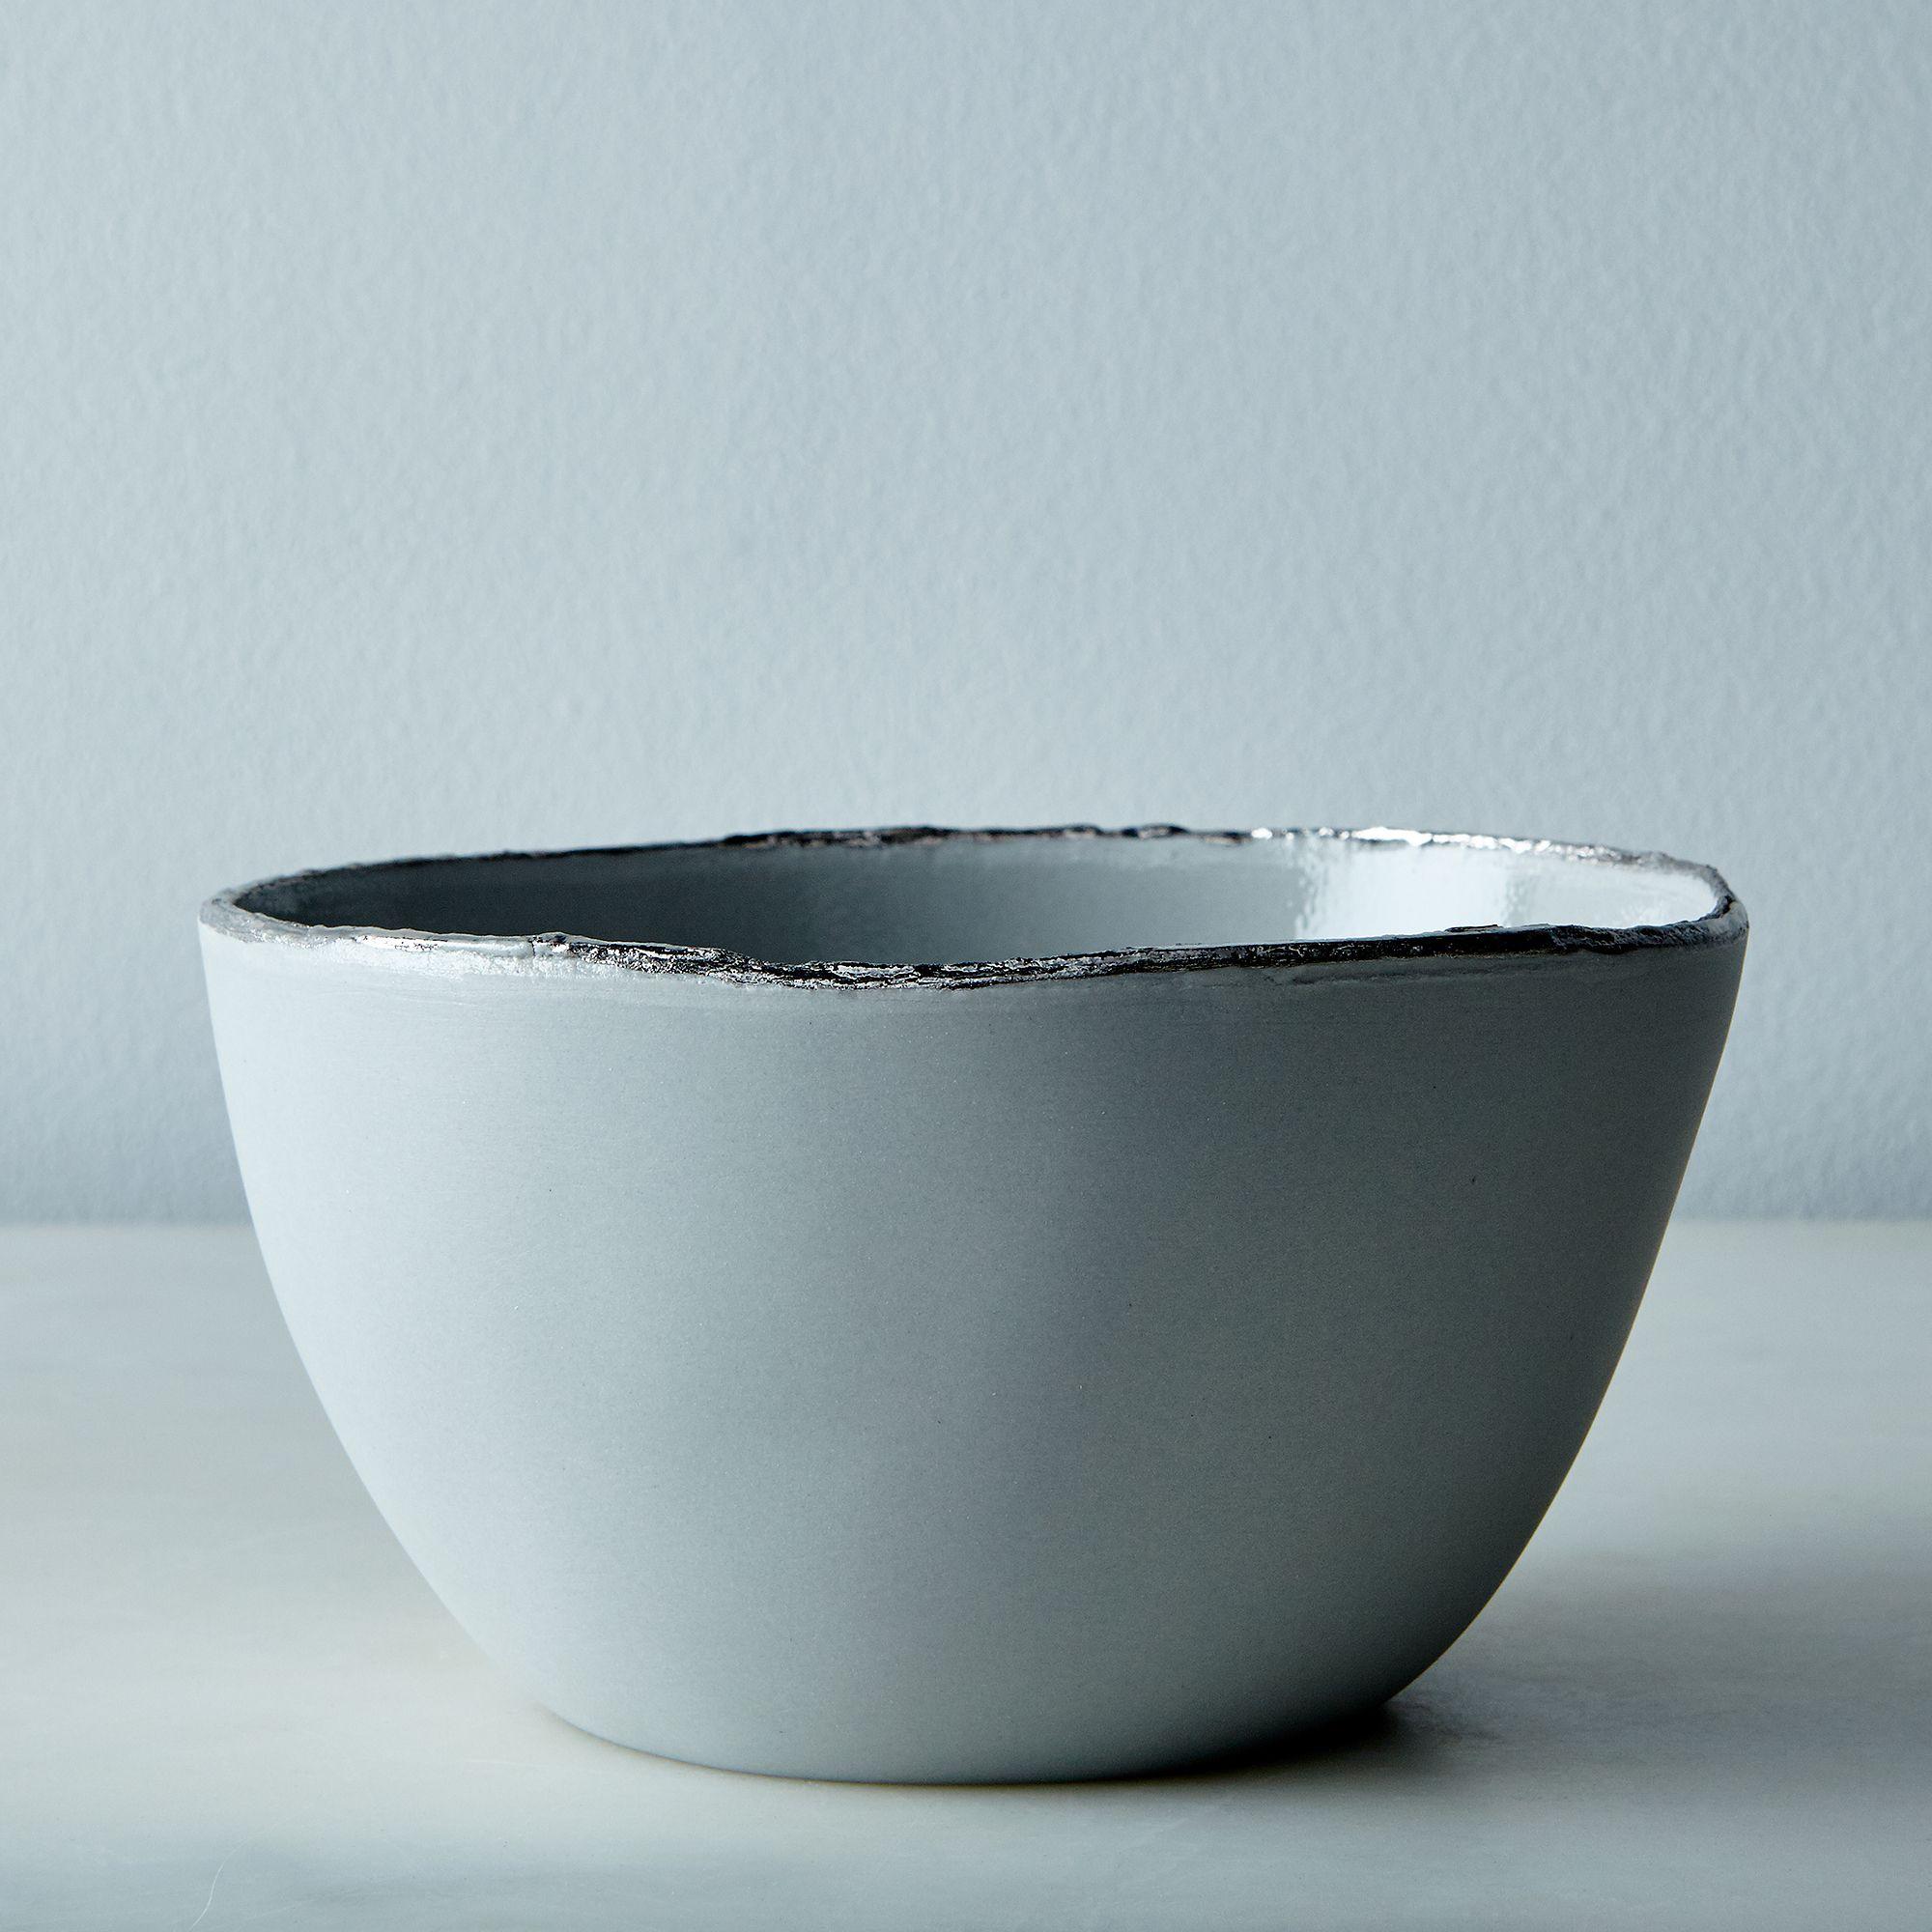 Porcelain Gold-rimmed Dinnerware Cereal Bowl, Grey